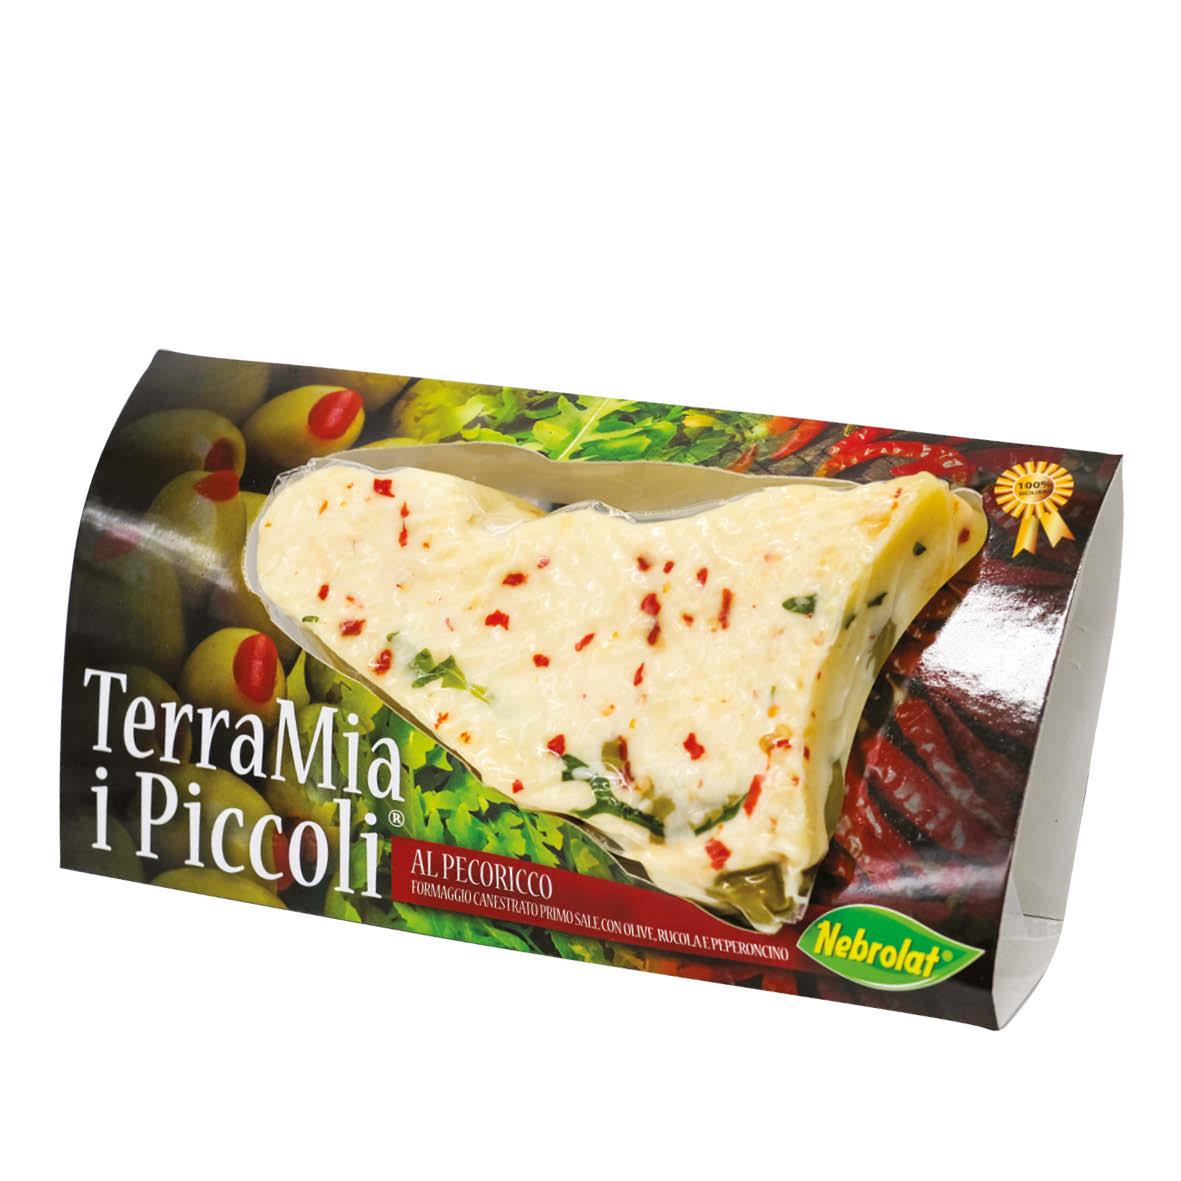 I Piccoli TerraMia® al Pecoricco